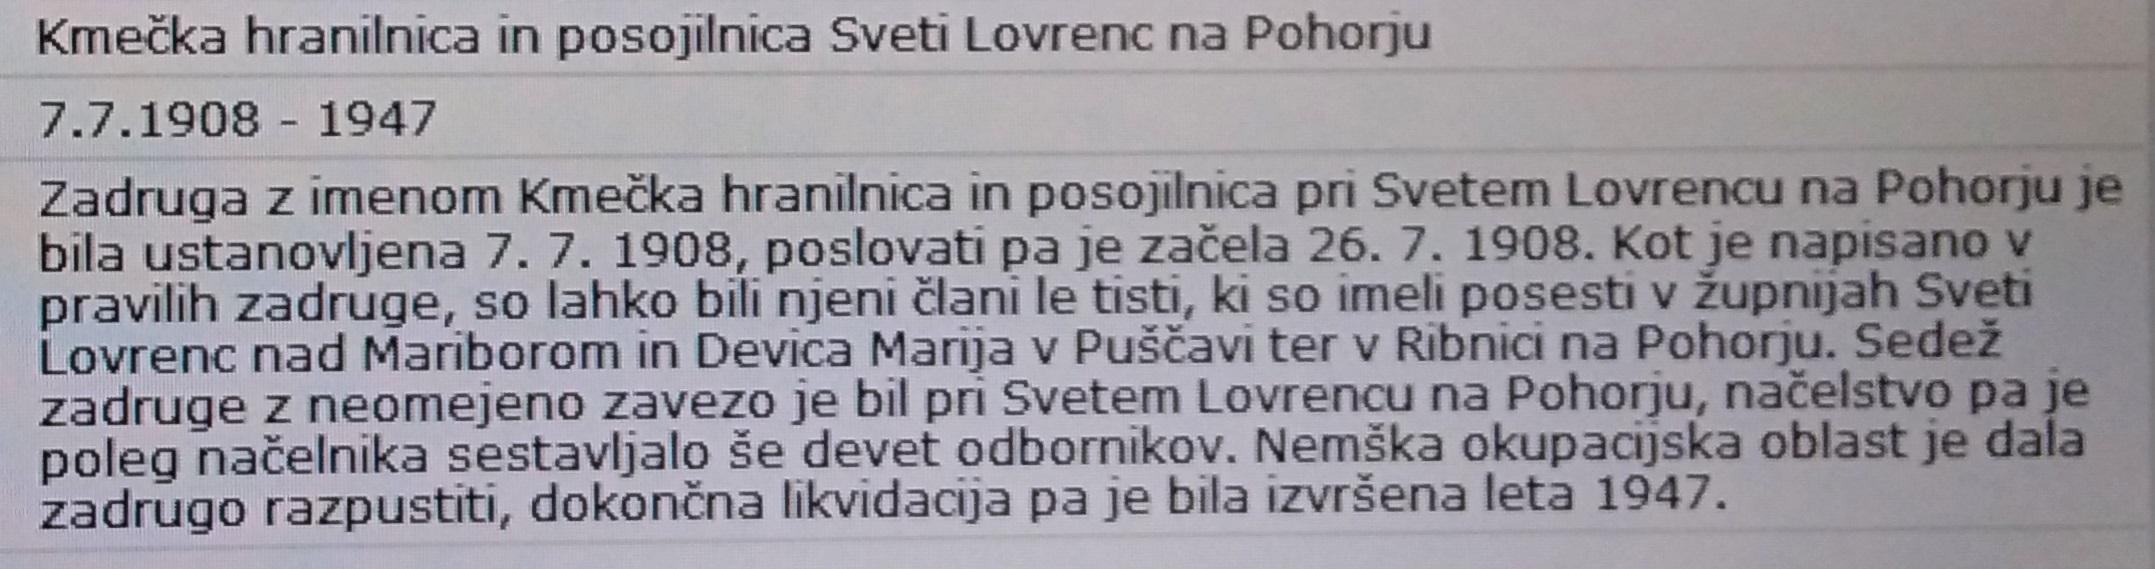 http://shramba.lovrenc.net/maxi/klepet/img202003262103241.jpg